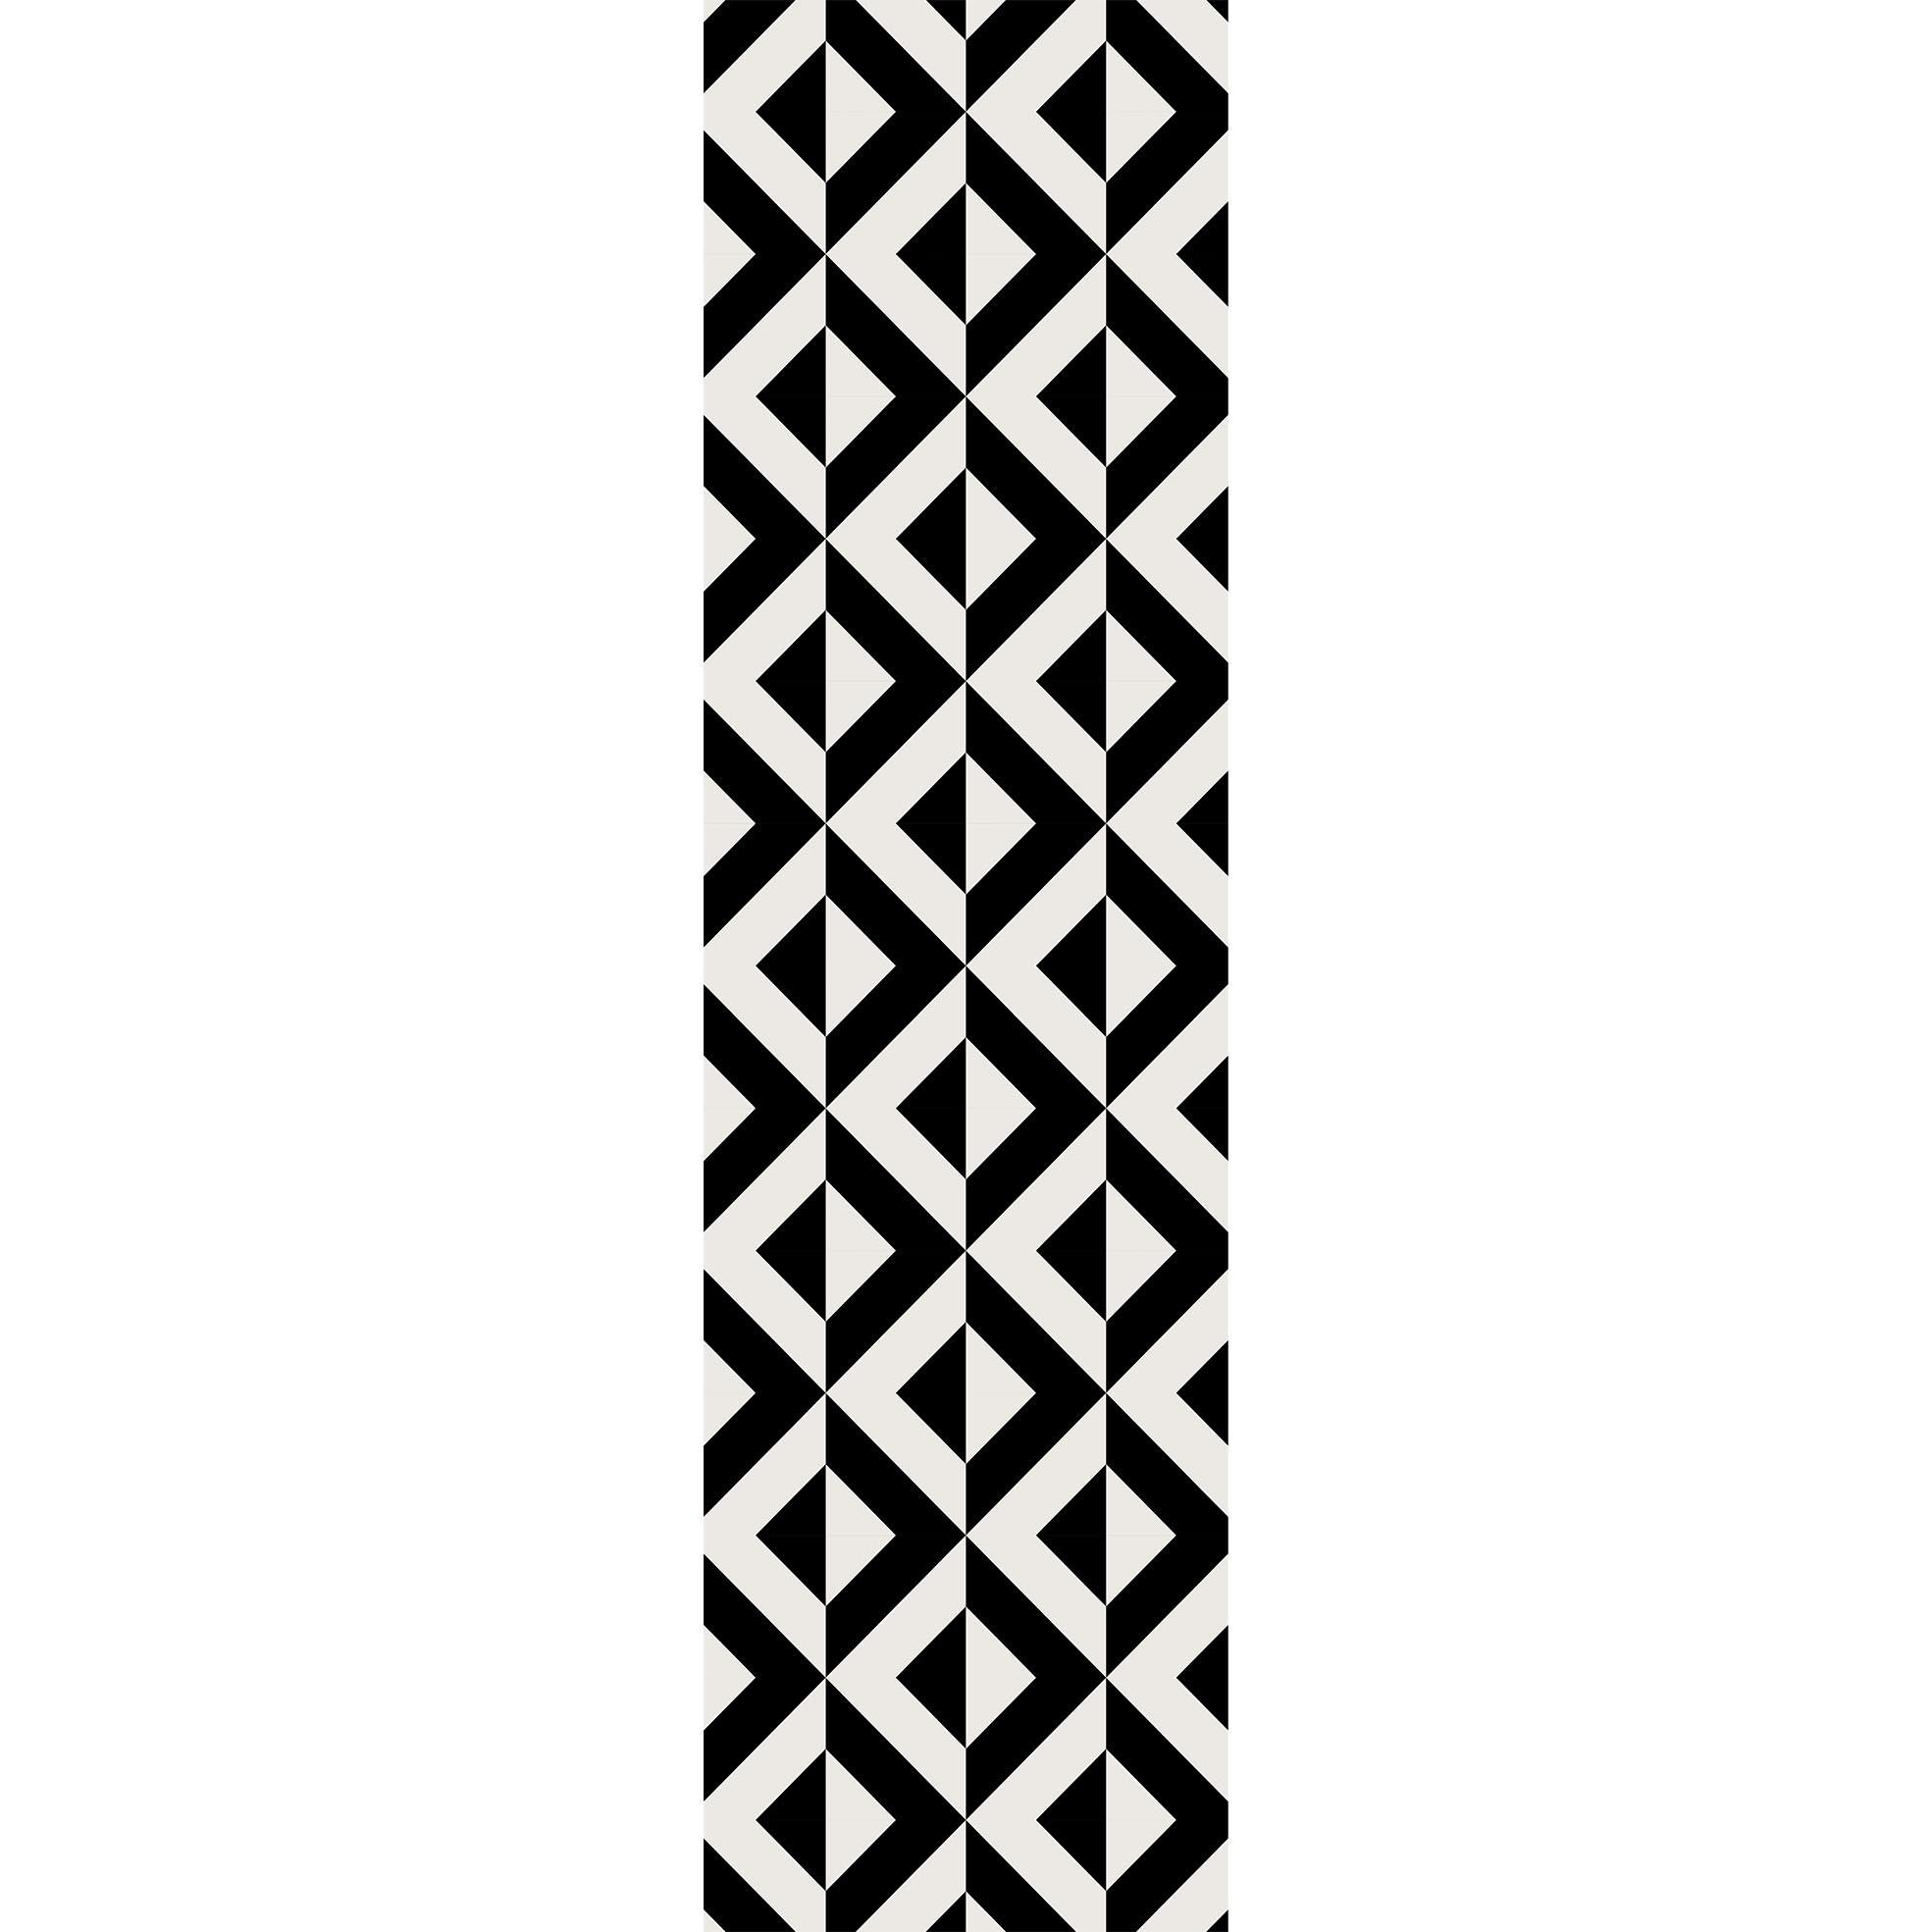 Passadeira Illusion - 66 x 240 cm